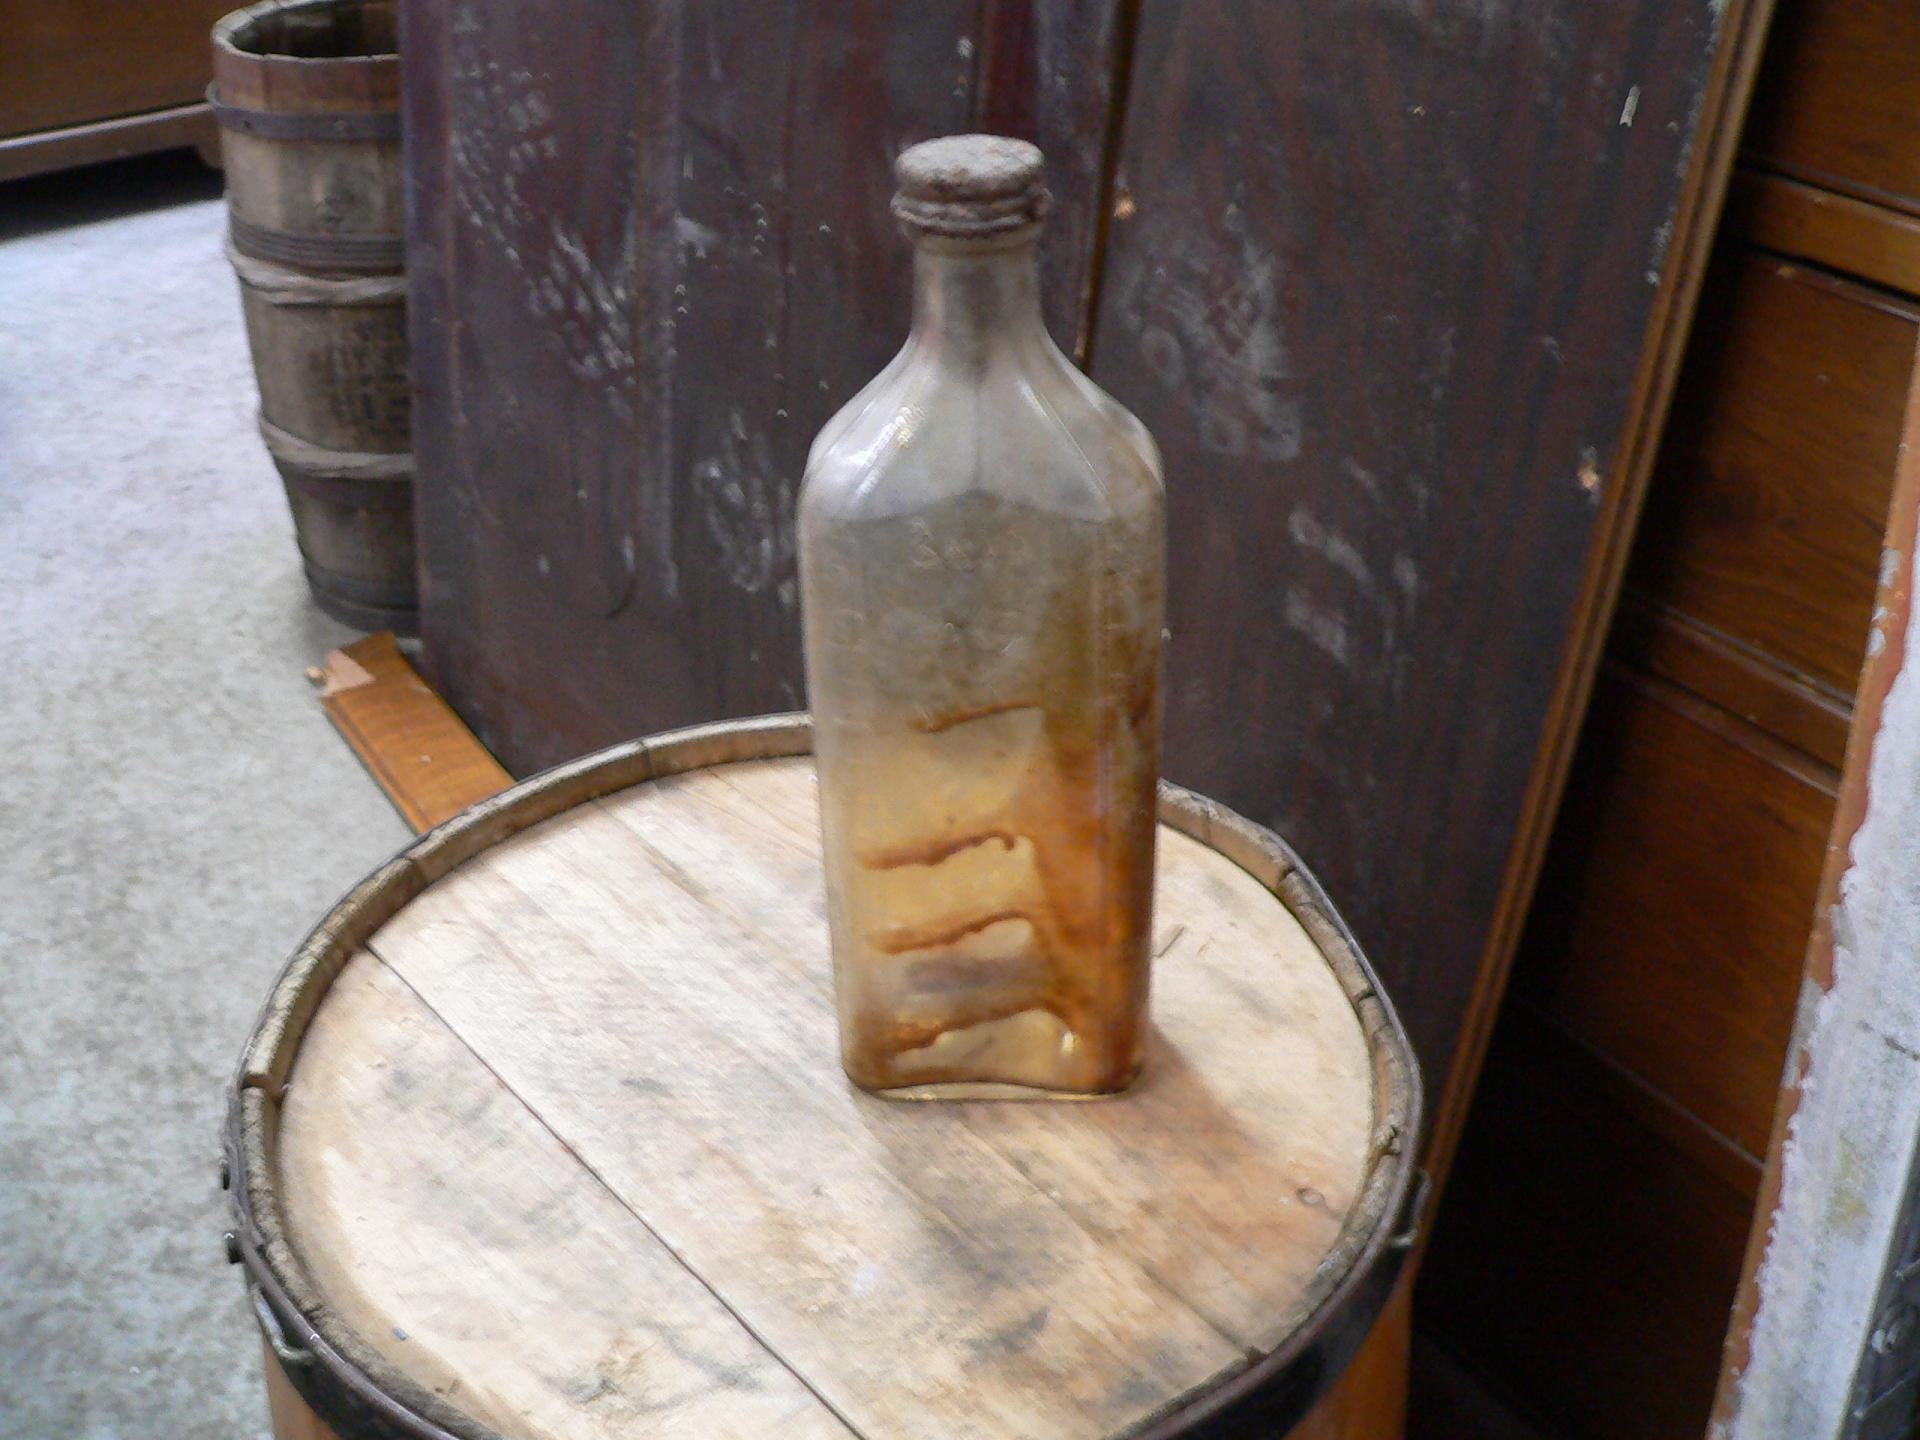 bouteille antique gradué # 5023.46